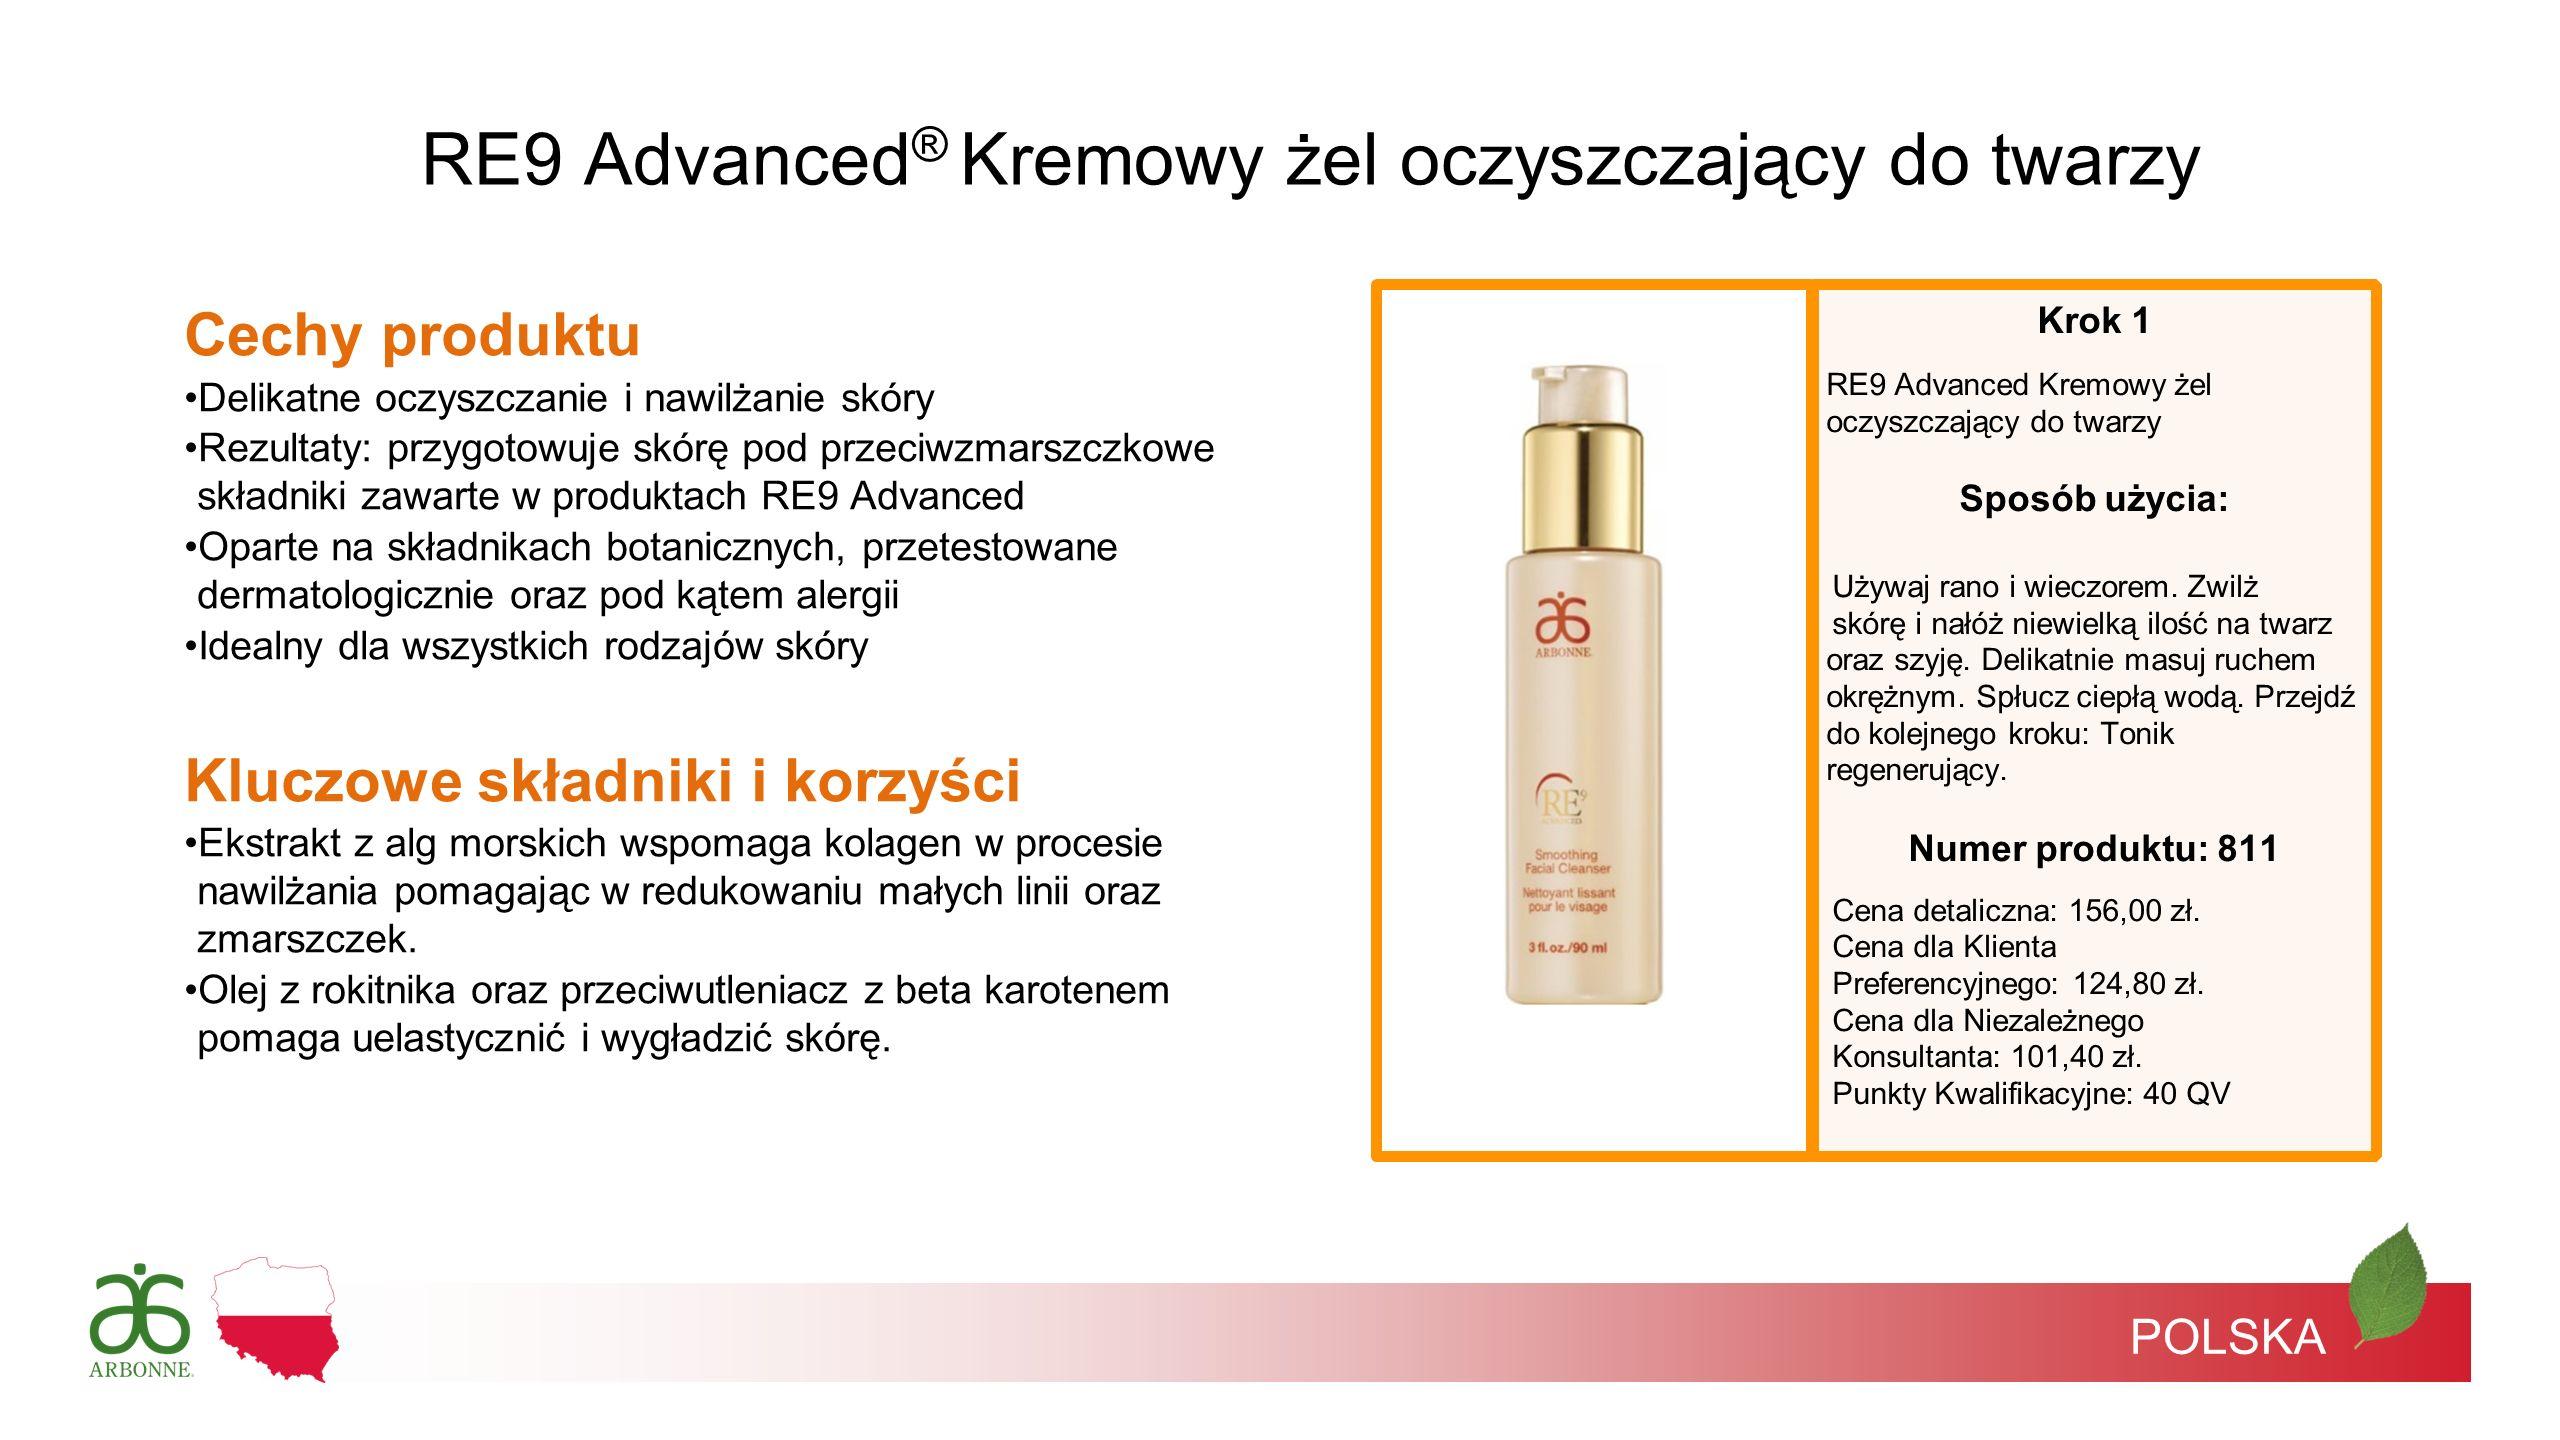 POLSKA Krok 1 RE9 Advanced Kremowy żel oczyszczający do twarzy Sposób użycia: Używaj rano i wieczorem. Zwilż skórę i nałóż niewielką ilość na twarz or